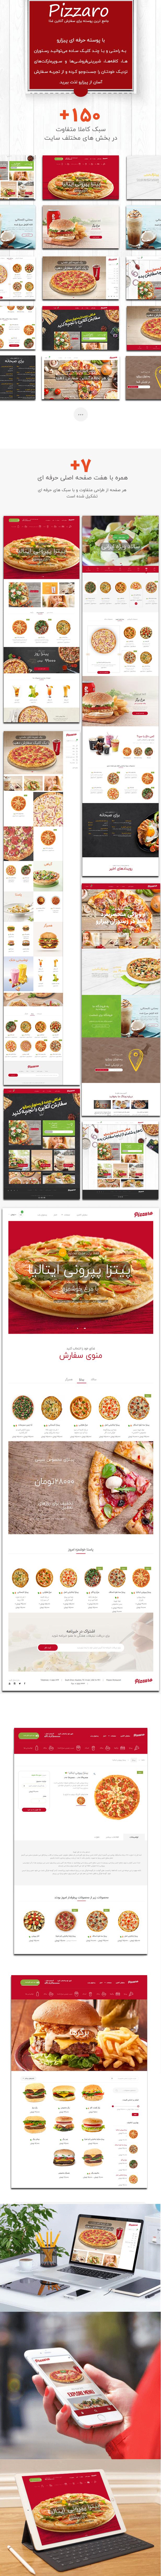 Pizzaro theme